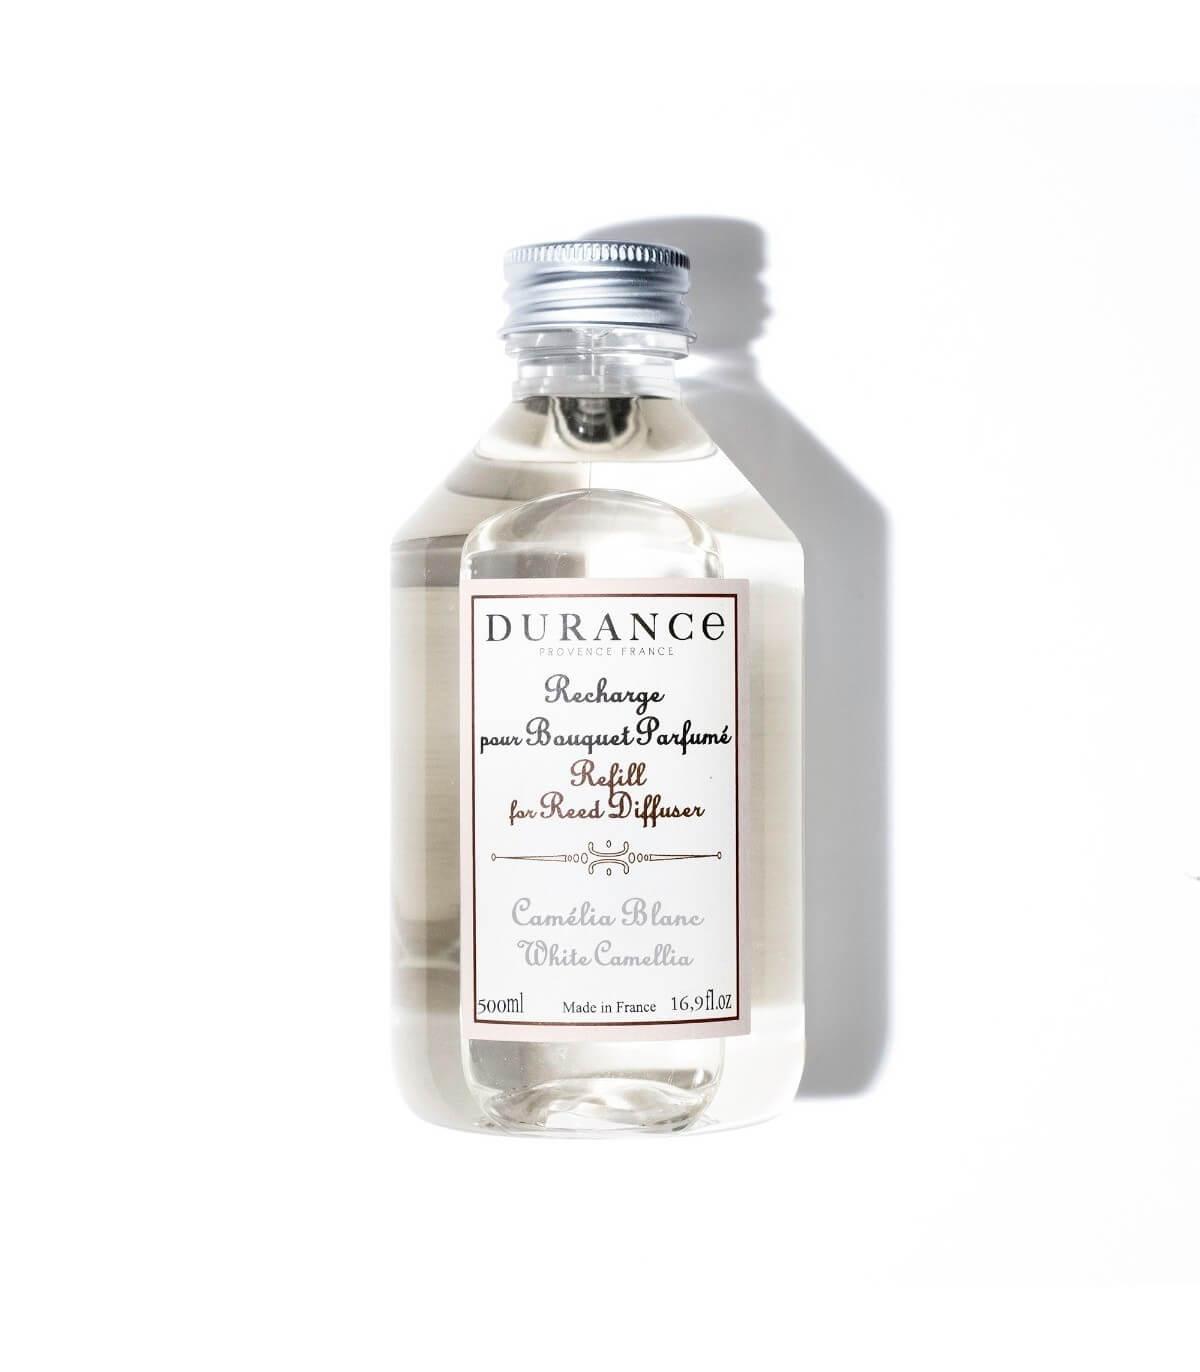 Recharge bouquet parfumé camélia blanc 500ml